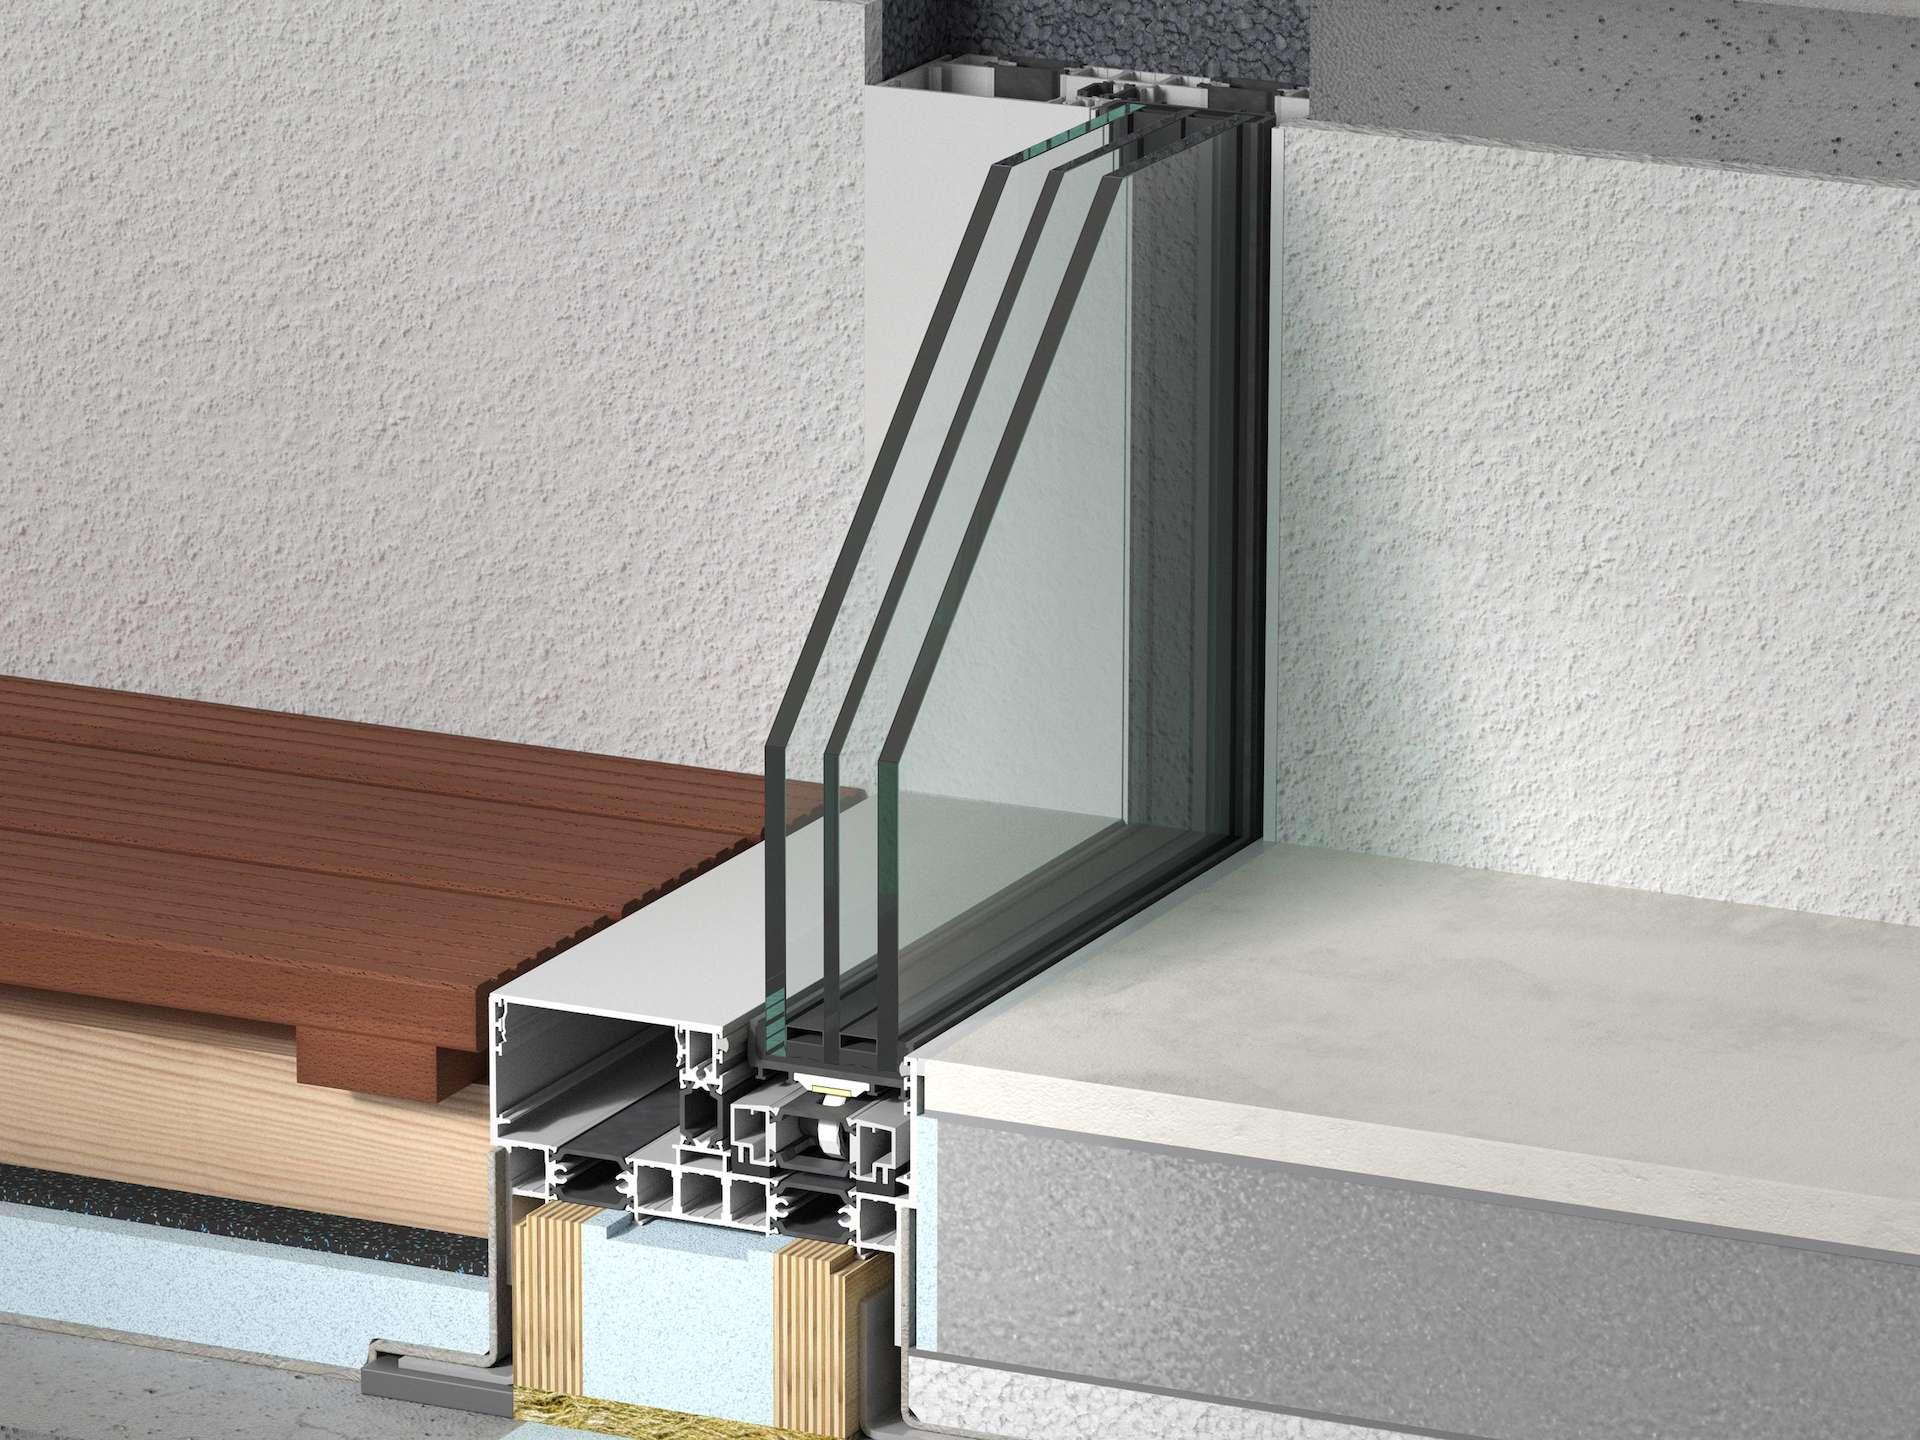 rahmenlose schiebefenster und t ren fenster ohne rahmen raumhohe fenster premiumfenster. Black Bedroom Furniture Sets. Home Design Ideas